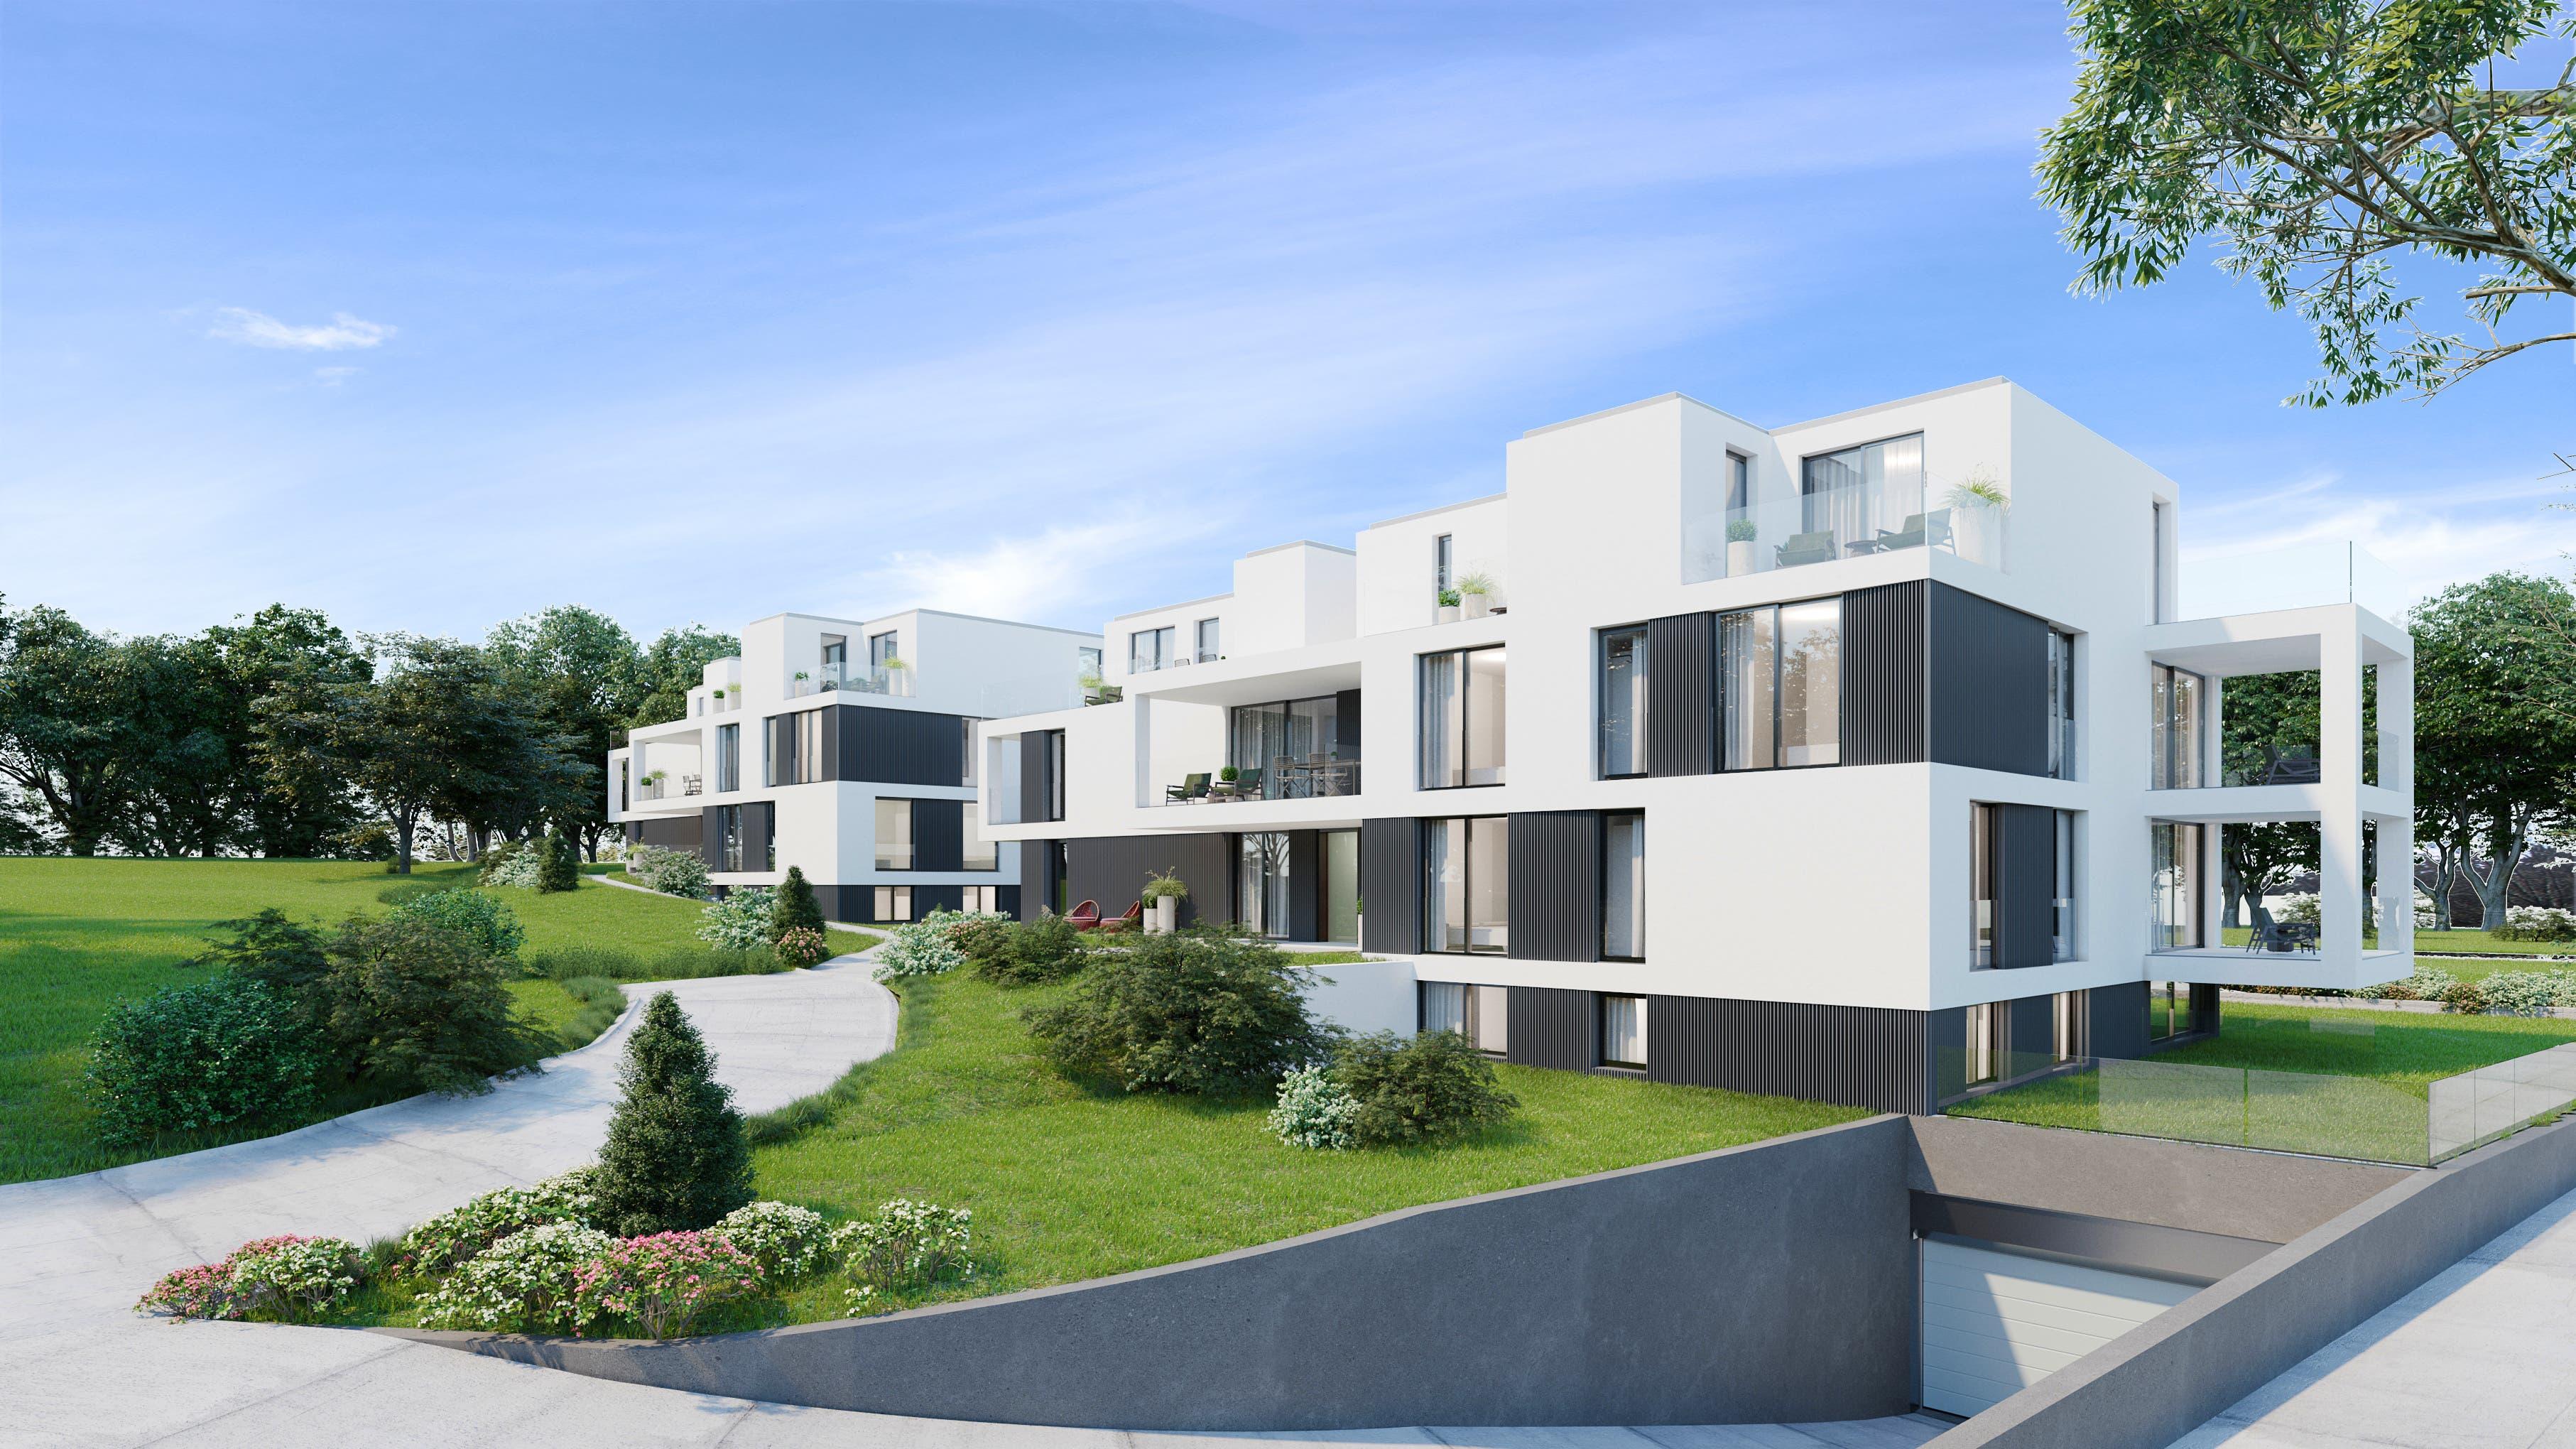 Stadtnah und doch in der Natur: Die Bauverantwortlichen haben bei der Projektierung laut eigenen Angaben viel Wert auf die Lage gelegt.